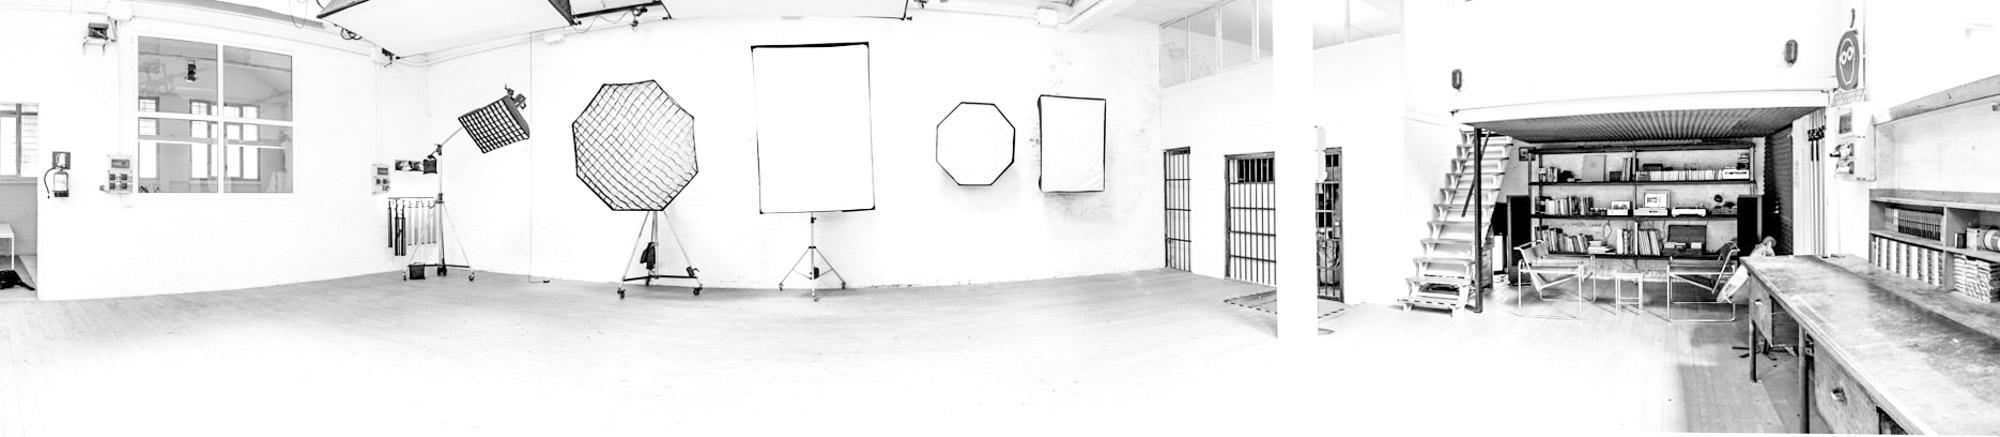 OFVSTUDIO-BOLOGNA-studio-fotografico-noleggio-sala-pose26.jpg